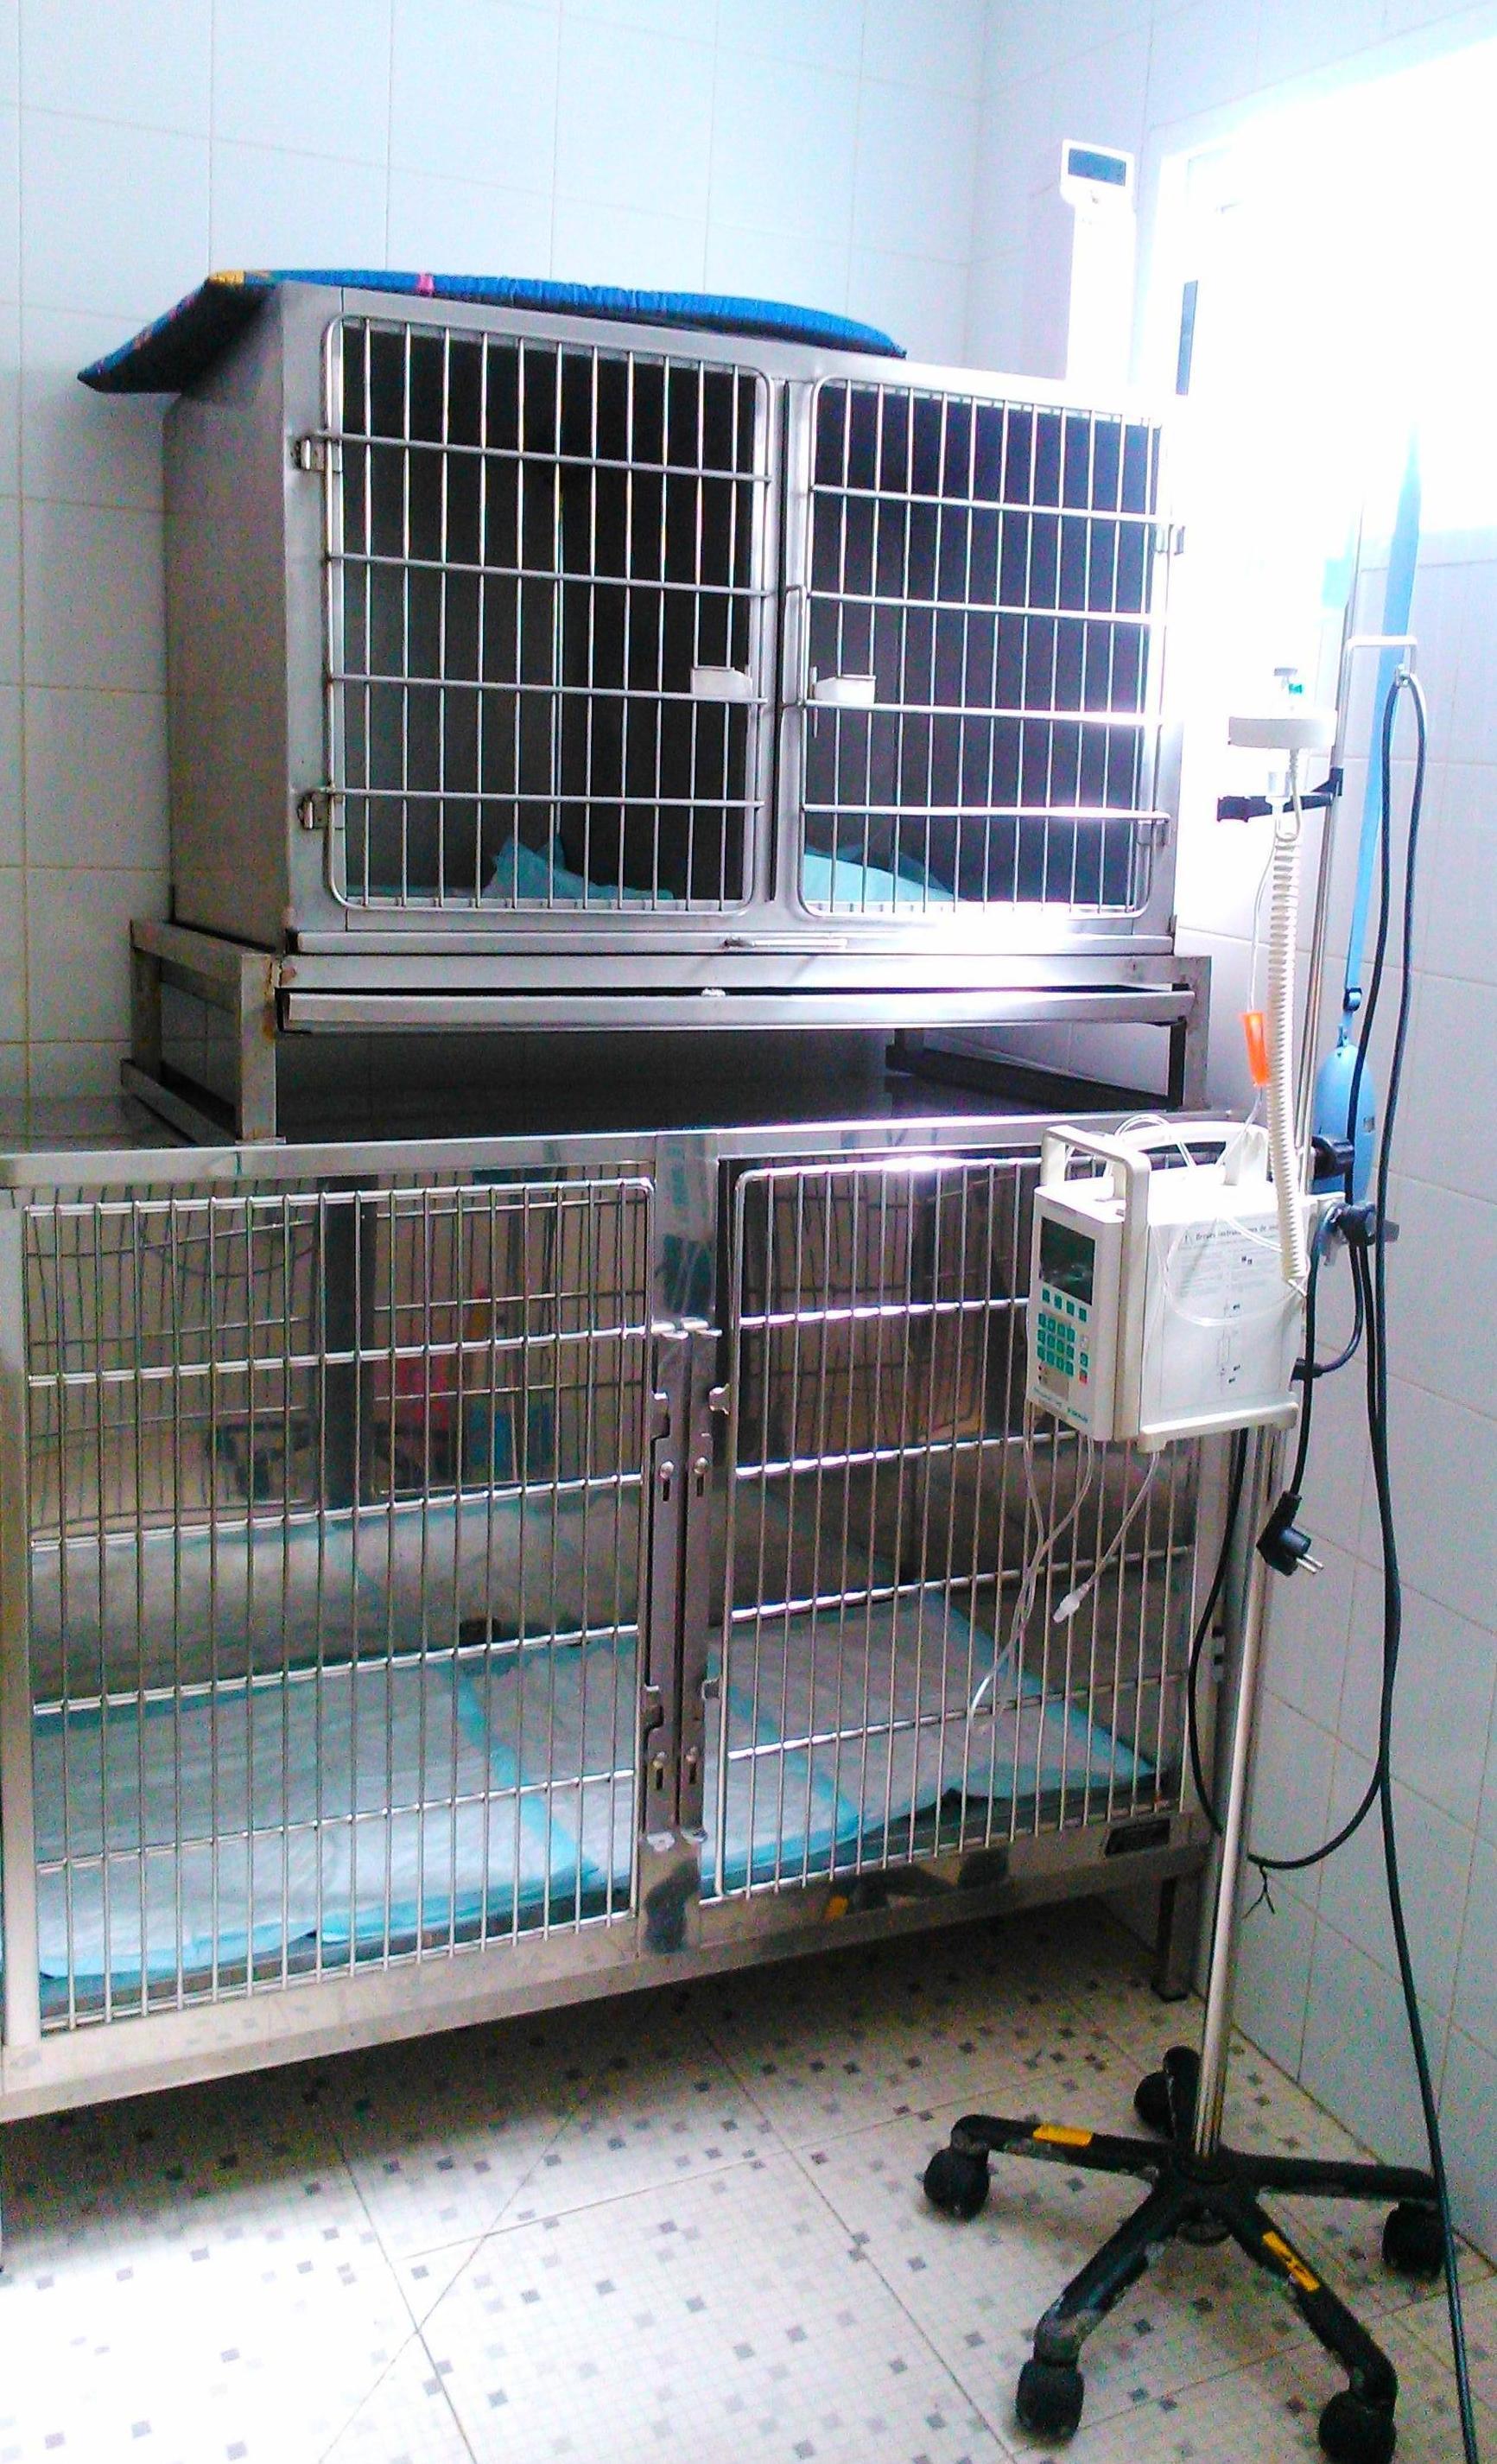 Servicio de hospitalización para mascotas en Almassora - Castellón